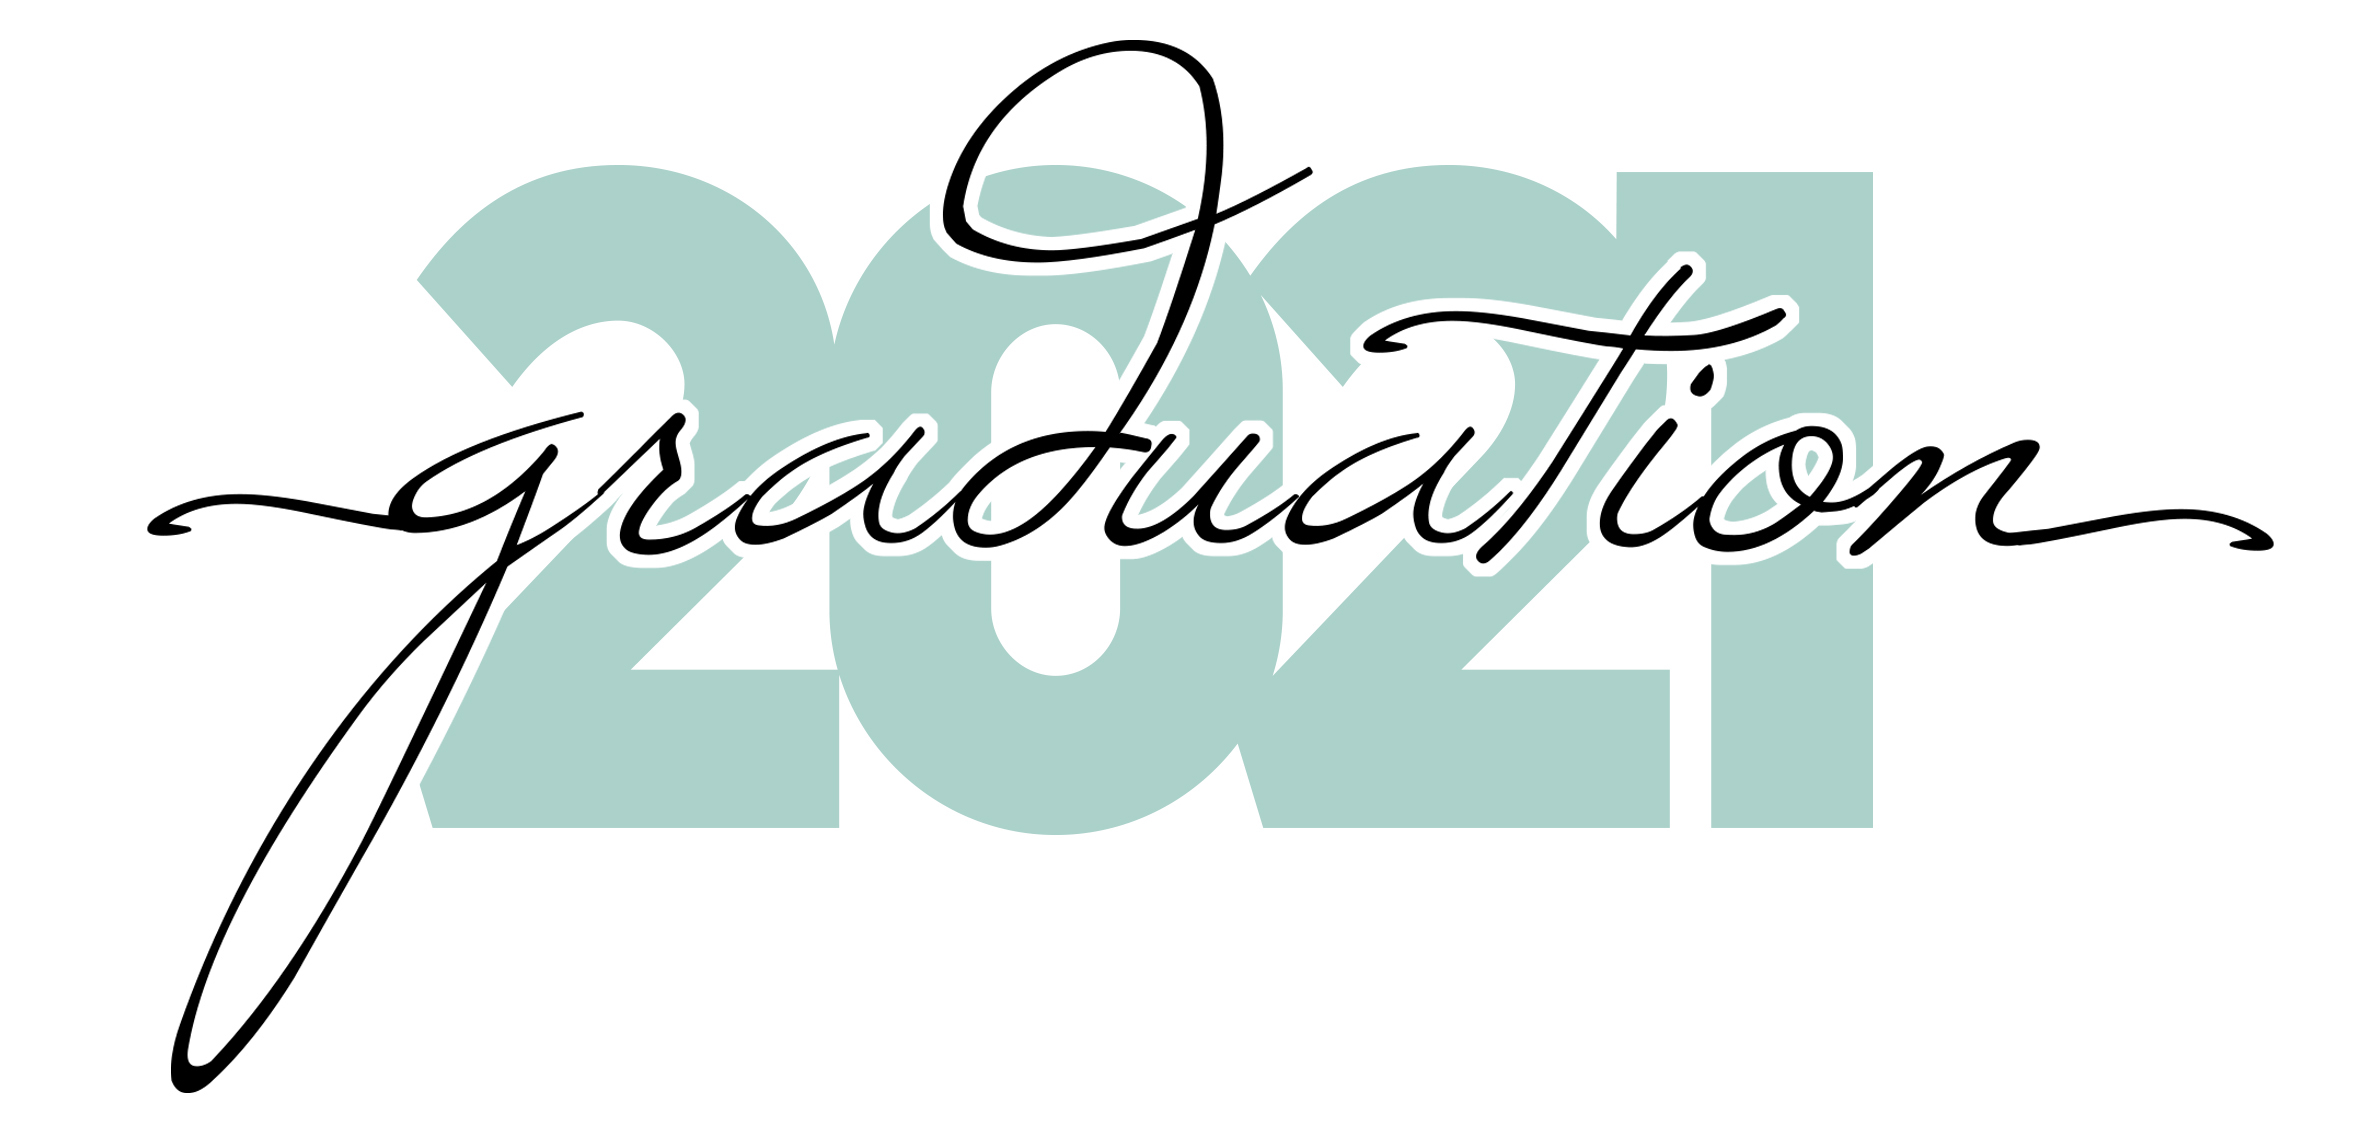 Graduation 2021 logo